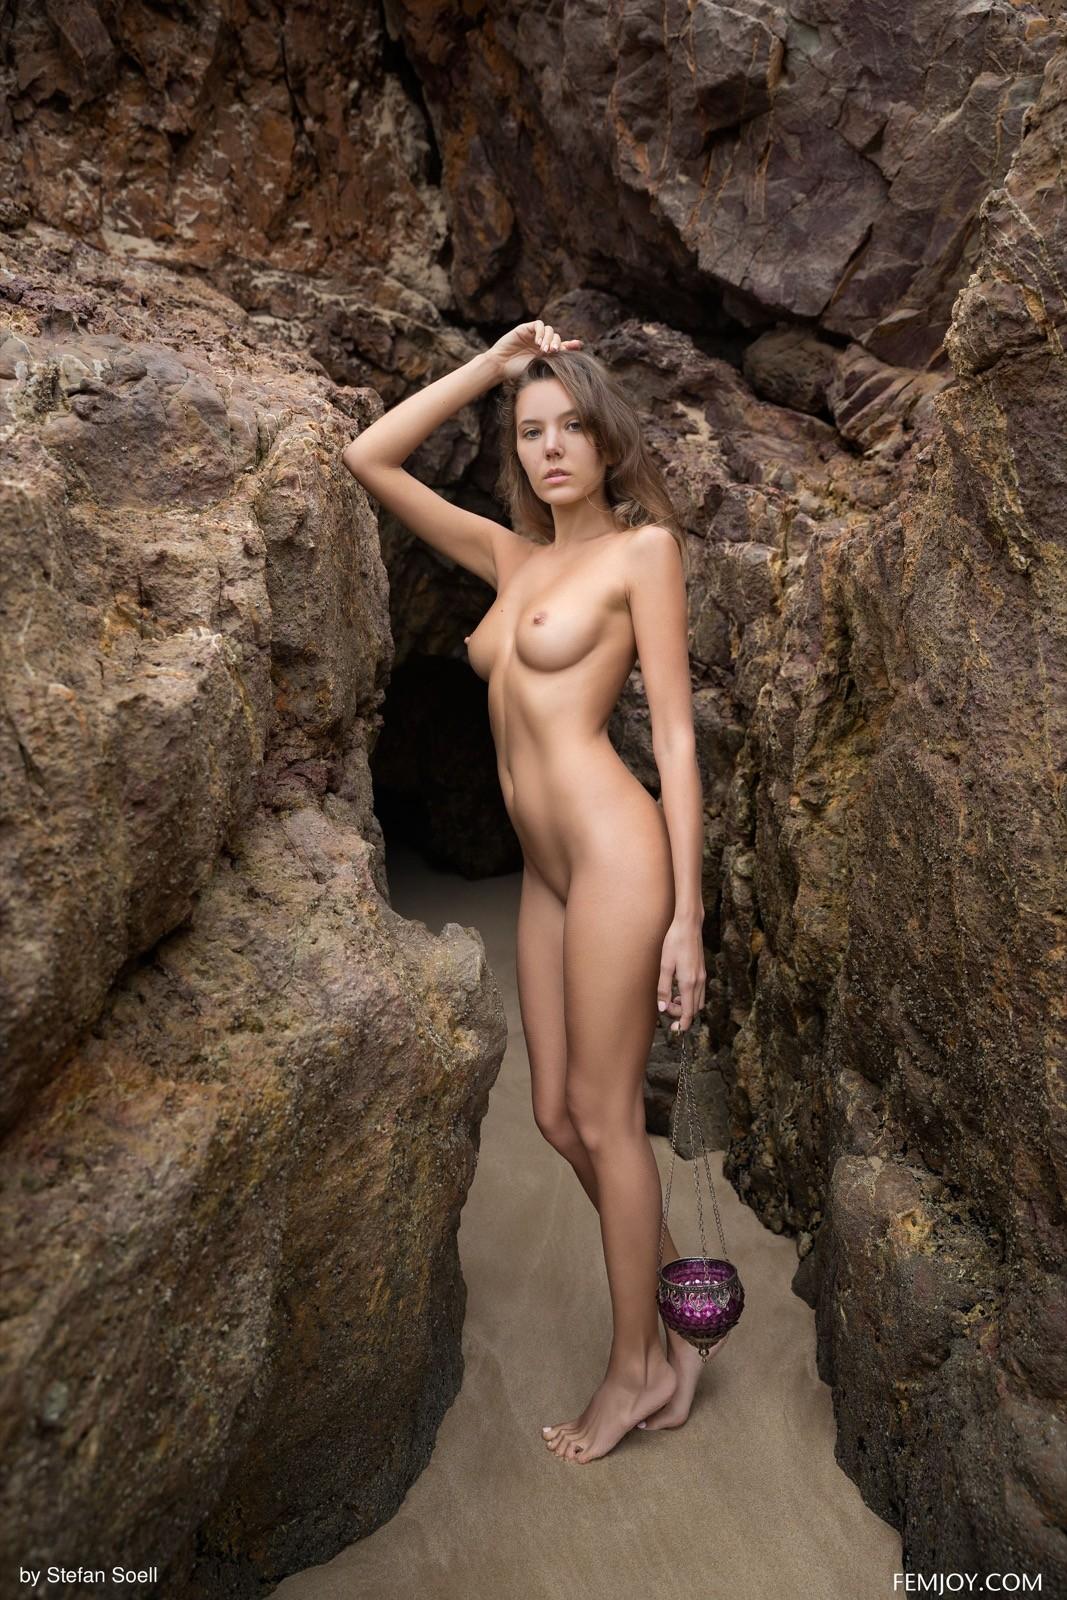 Голая девушка среди скал - фото